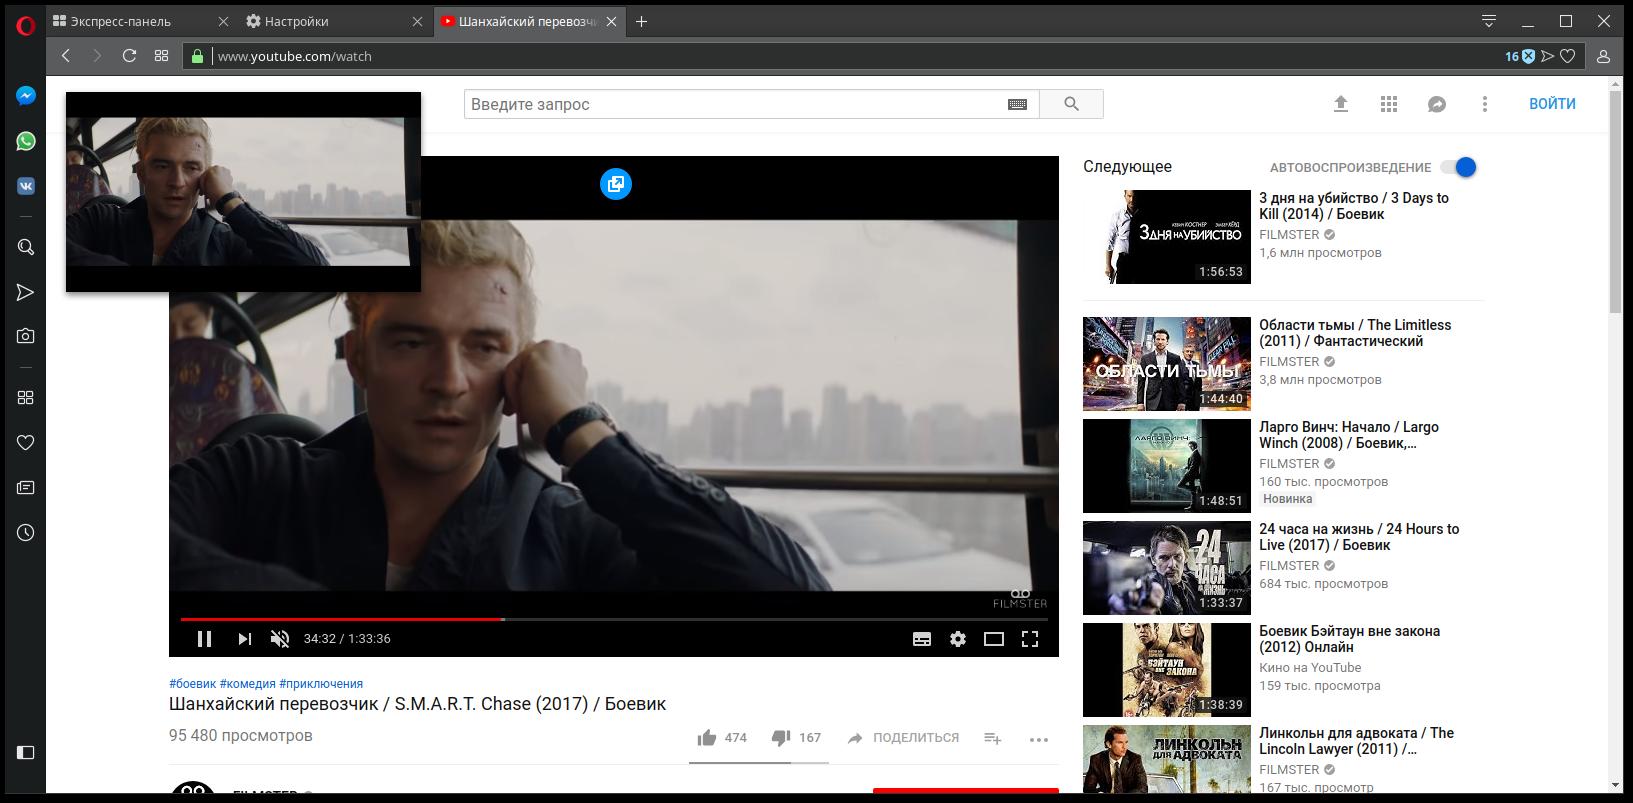 Видео поверх всех страниц